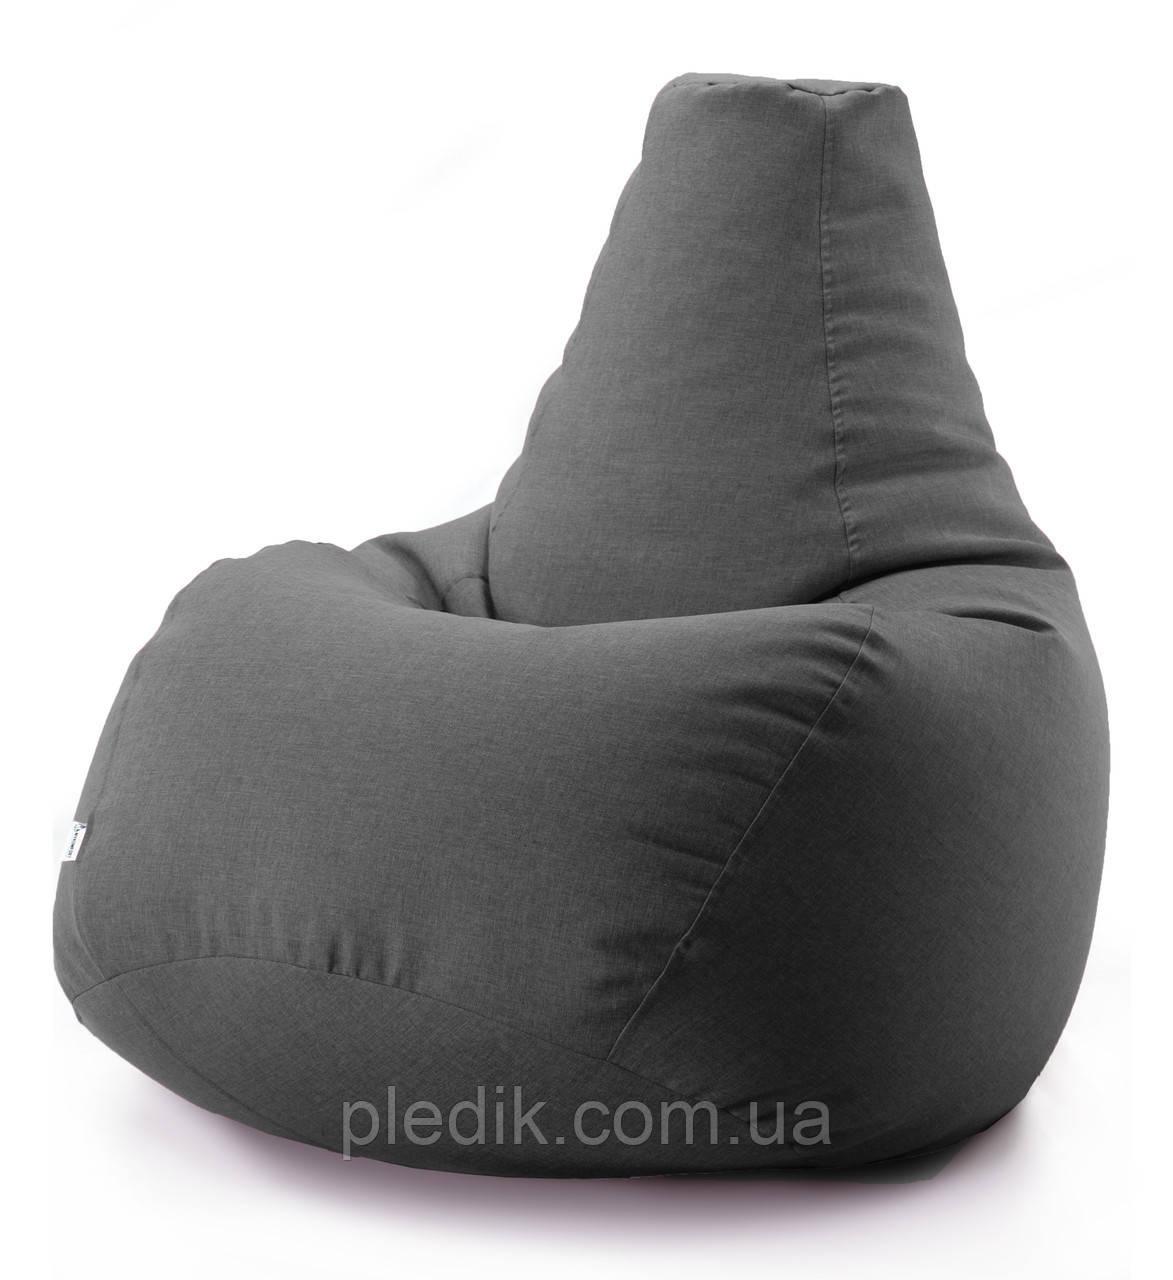 Кресло мешок груша микро-рогожка 100*140 см Темно серый